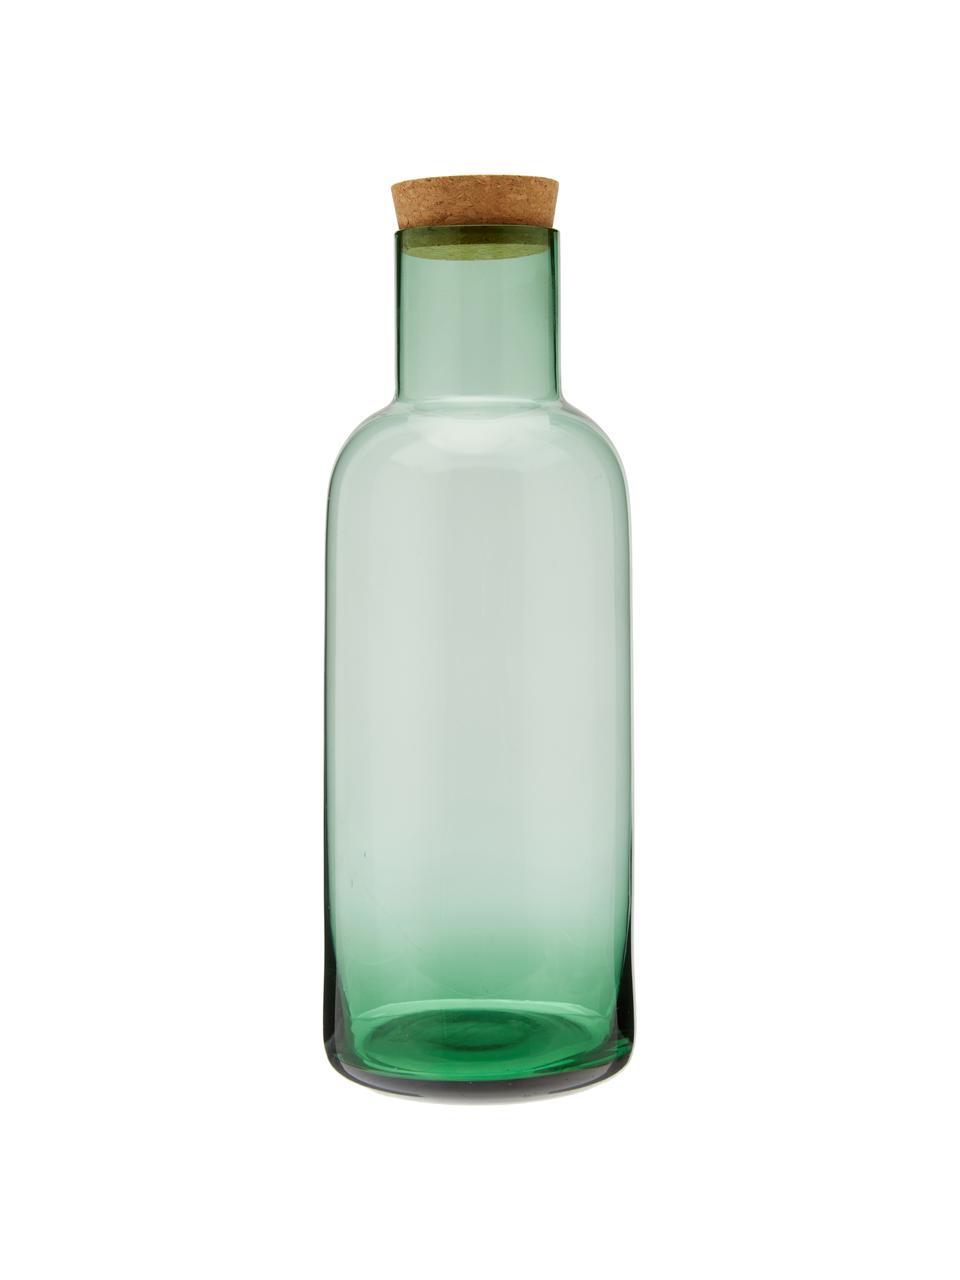 Carafe verre avec bouchon Clearance, 1l, Vert, transparent